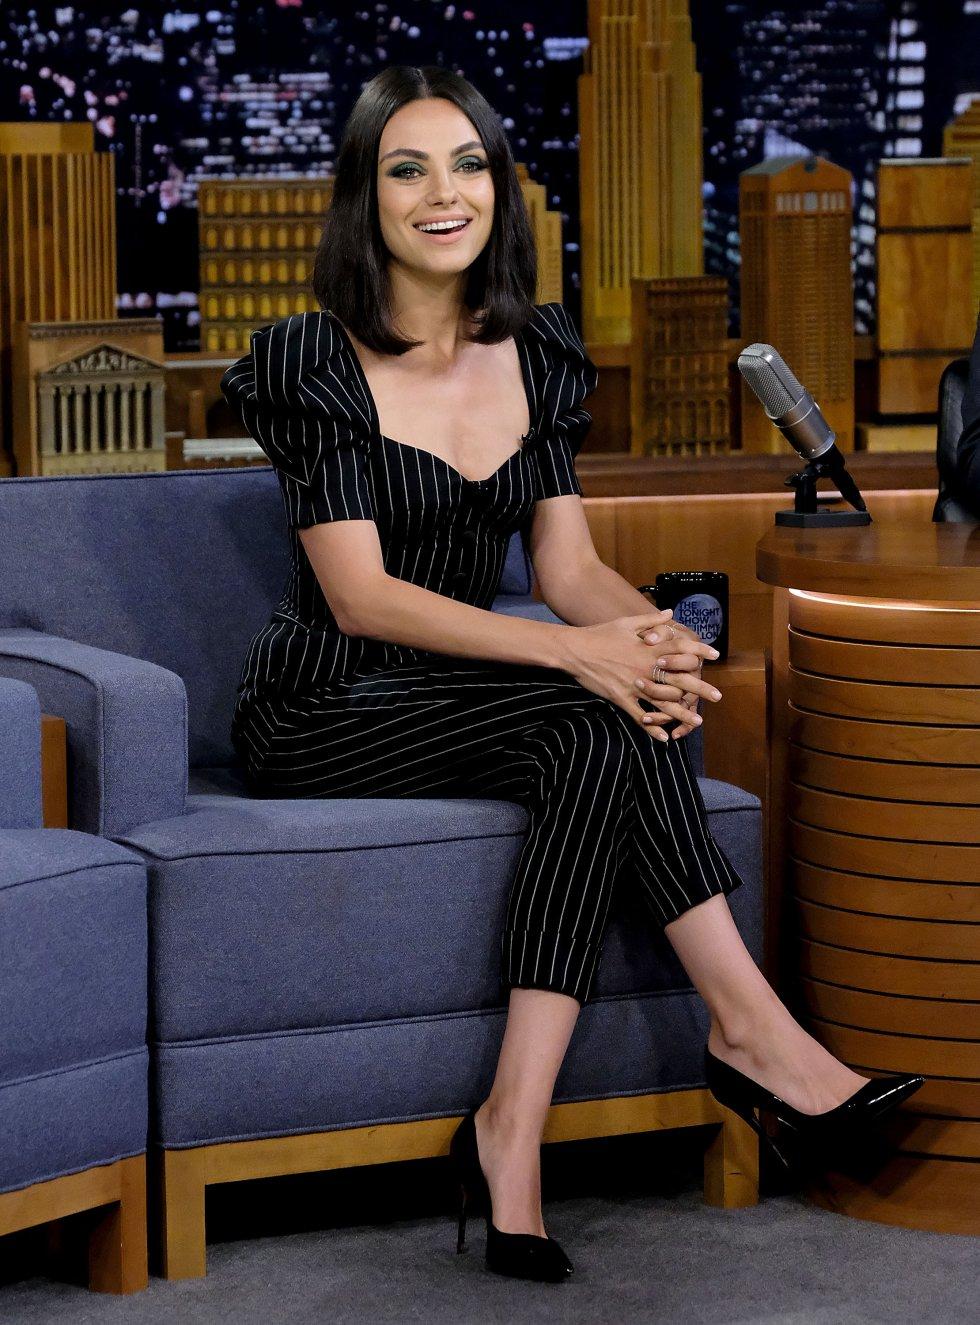 Mila Kunis en el show de Jimmy Fallon